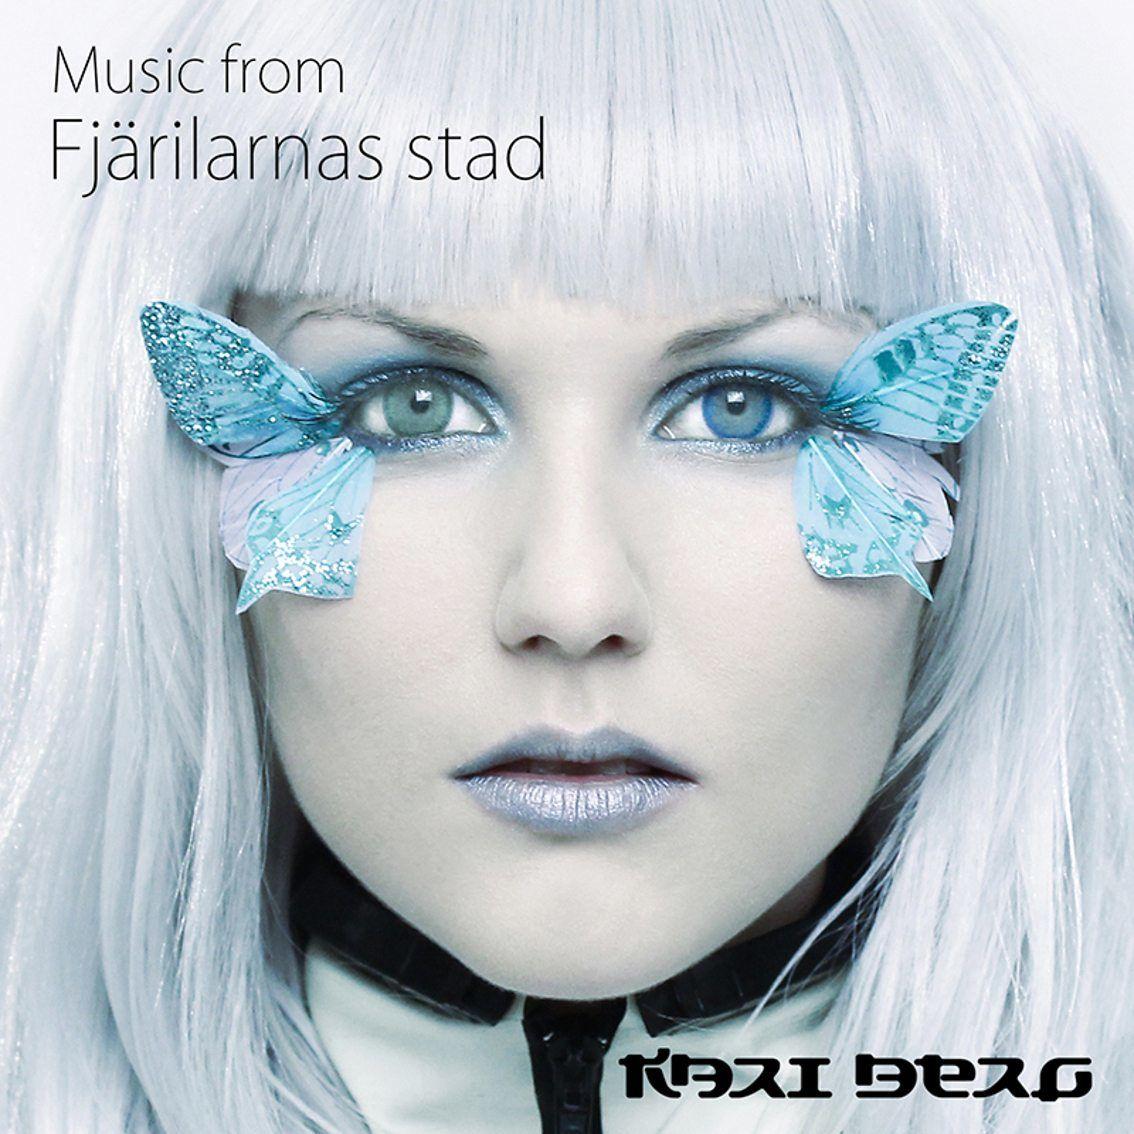 Kari Berg releases book soundtrack'Music from Fjärilarnas stad' - listen here!